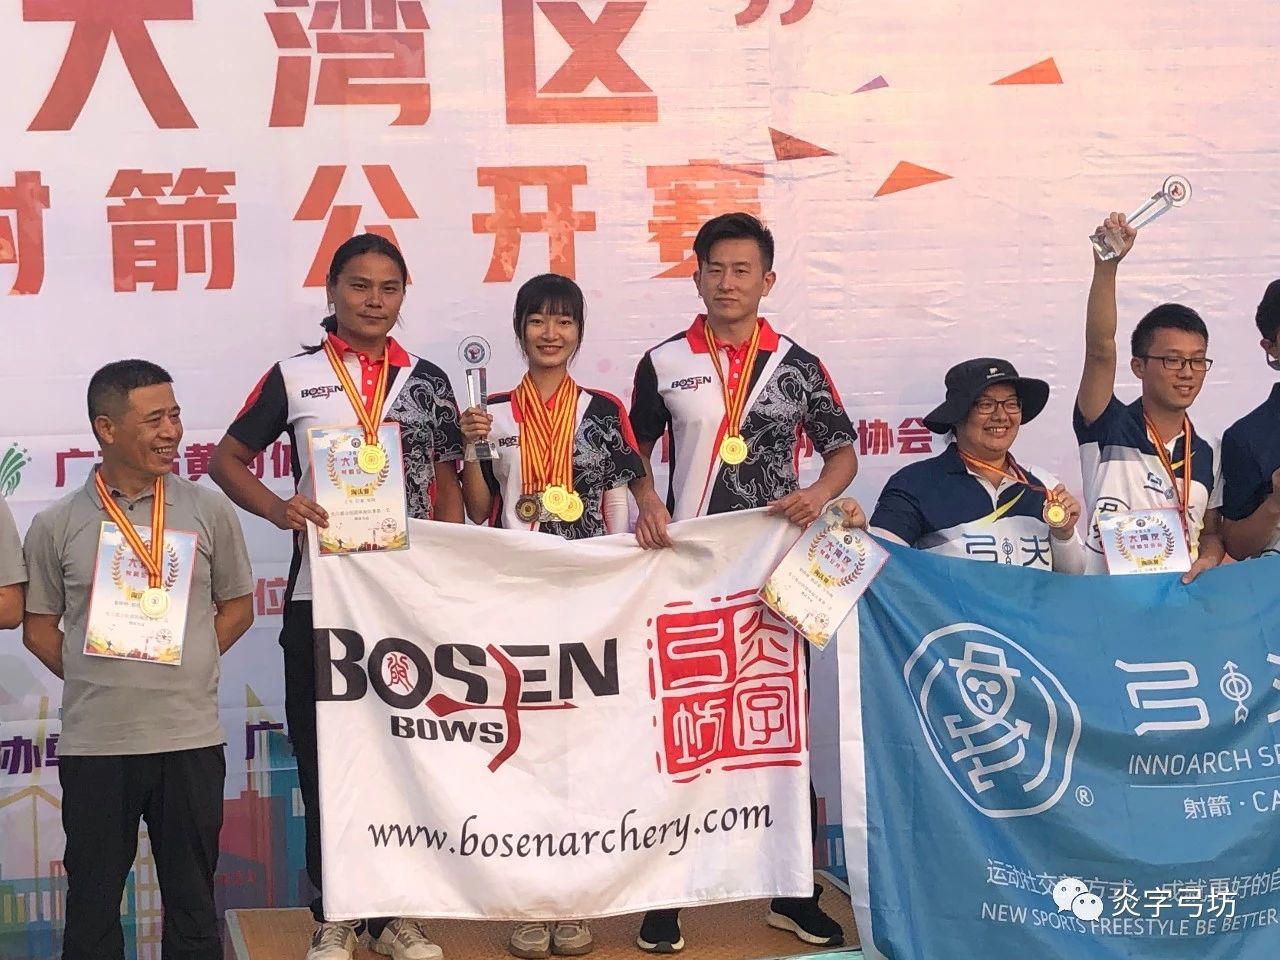 广州奥体大湾区比赛炎字弓坊队出征喜夺冠